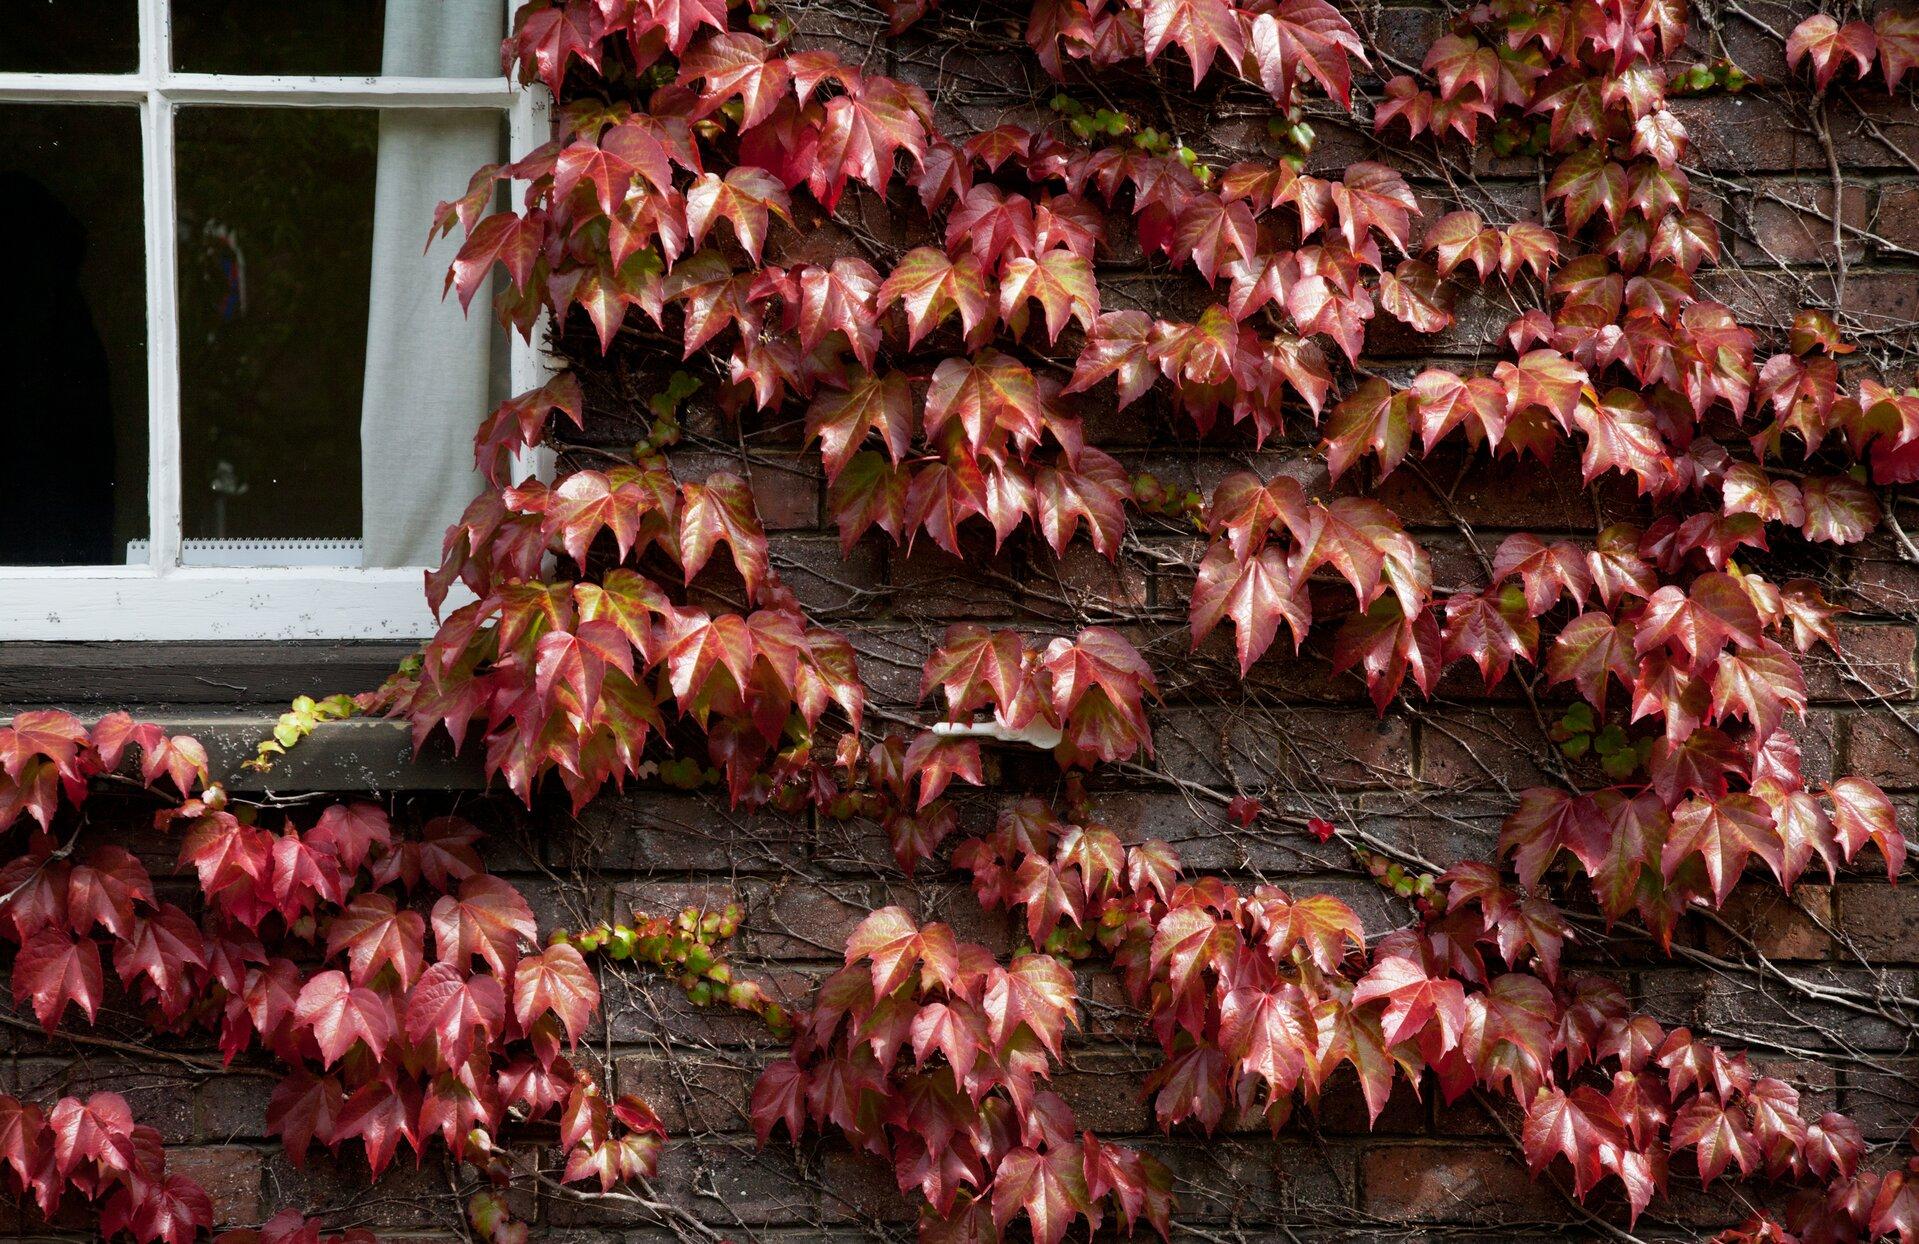 Fotografia przedstawia ścianę budynku, po której wspina się roślina oczerwonych, klapowanych liściach. To winobluszcz. Jego szare łodygi są ściśle przyczepione do ściany.